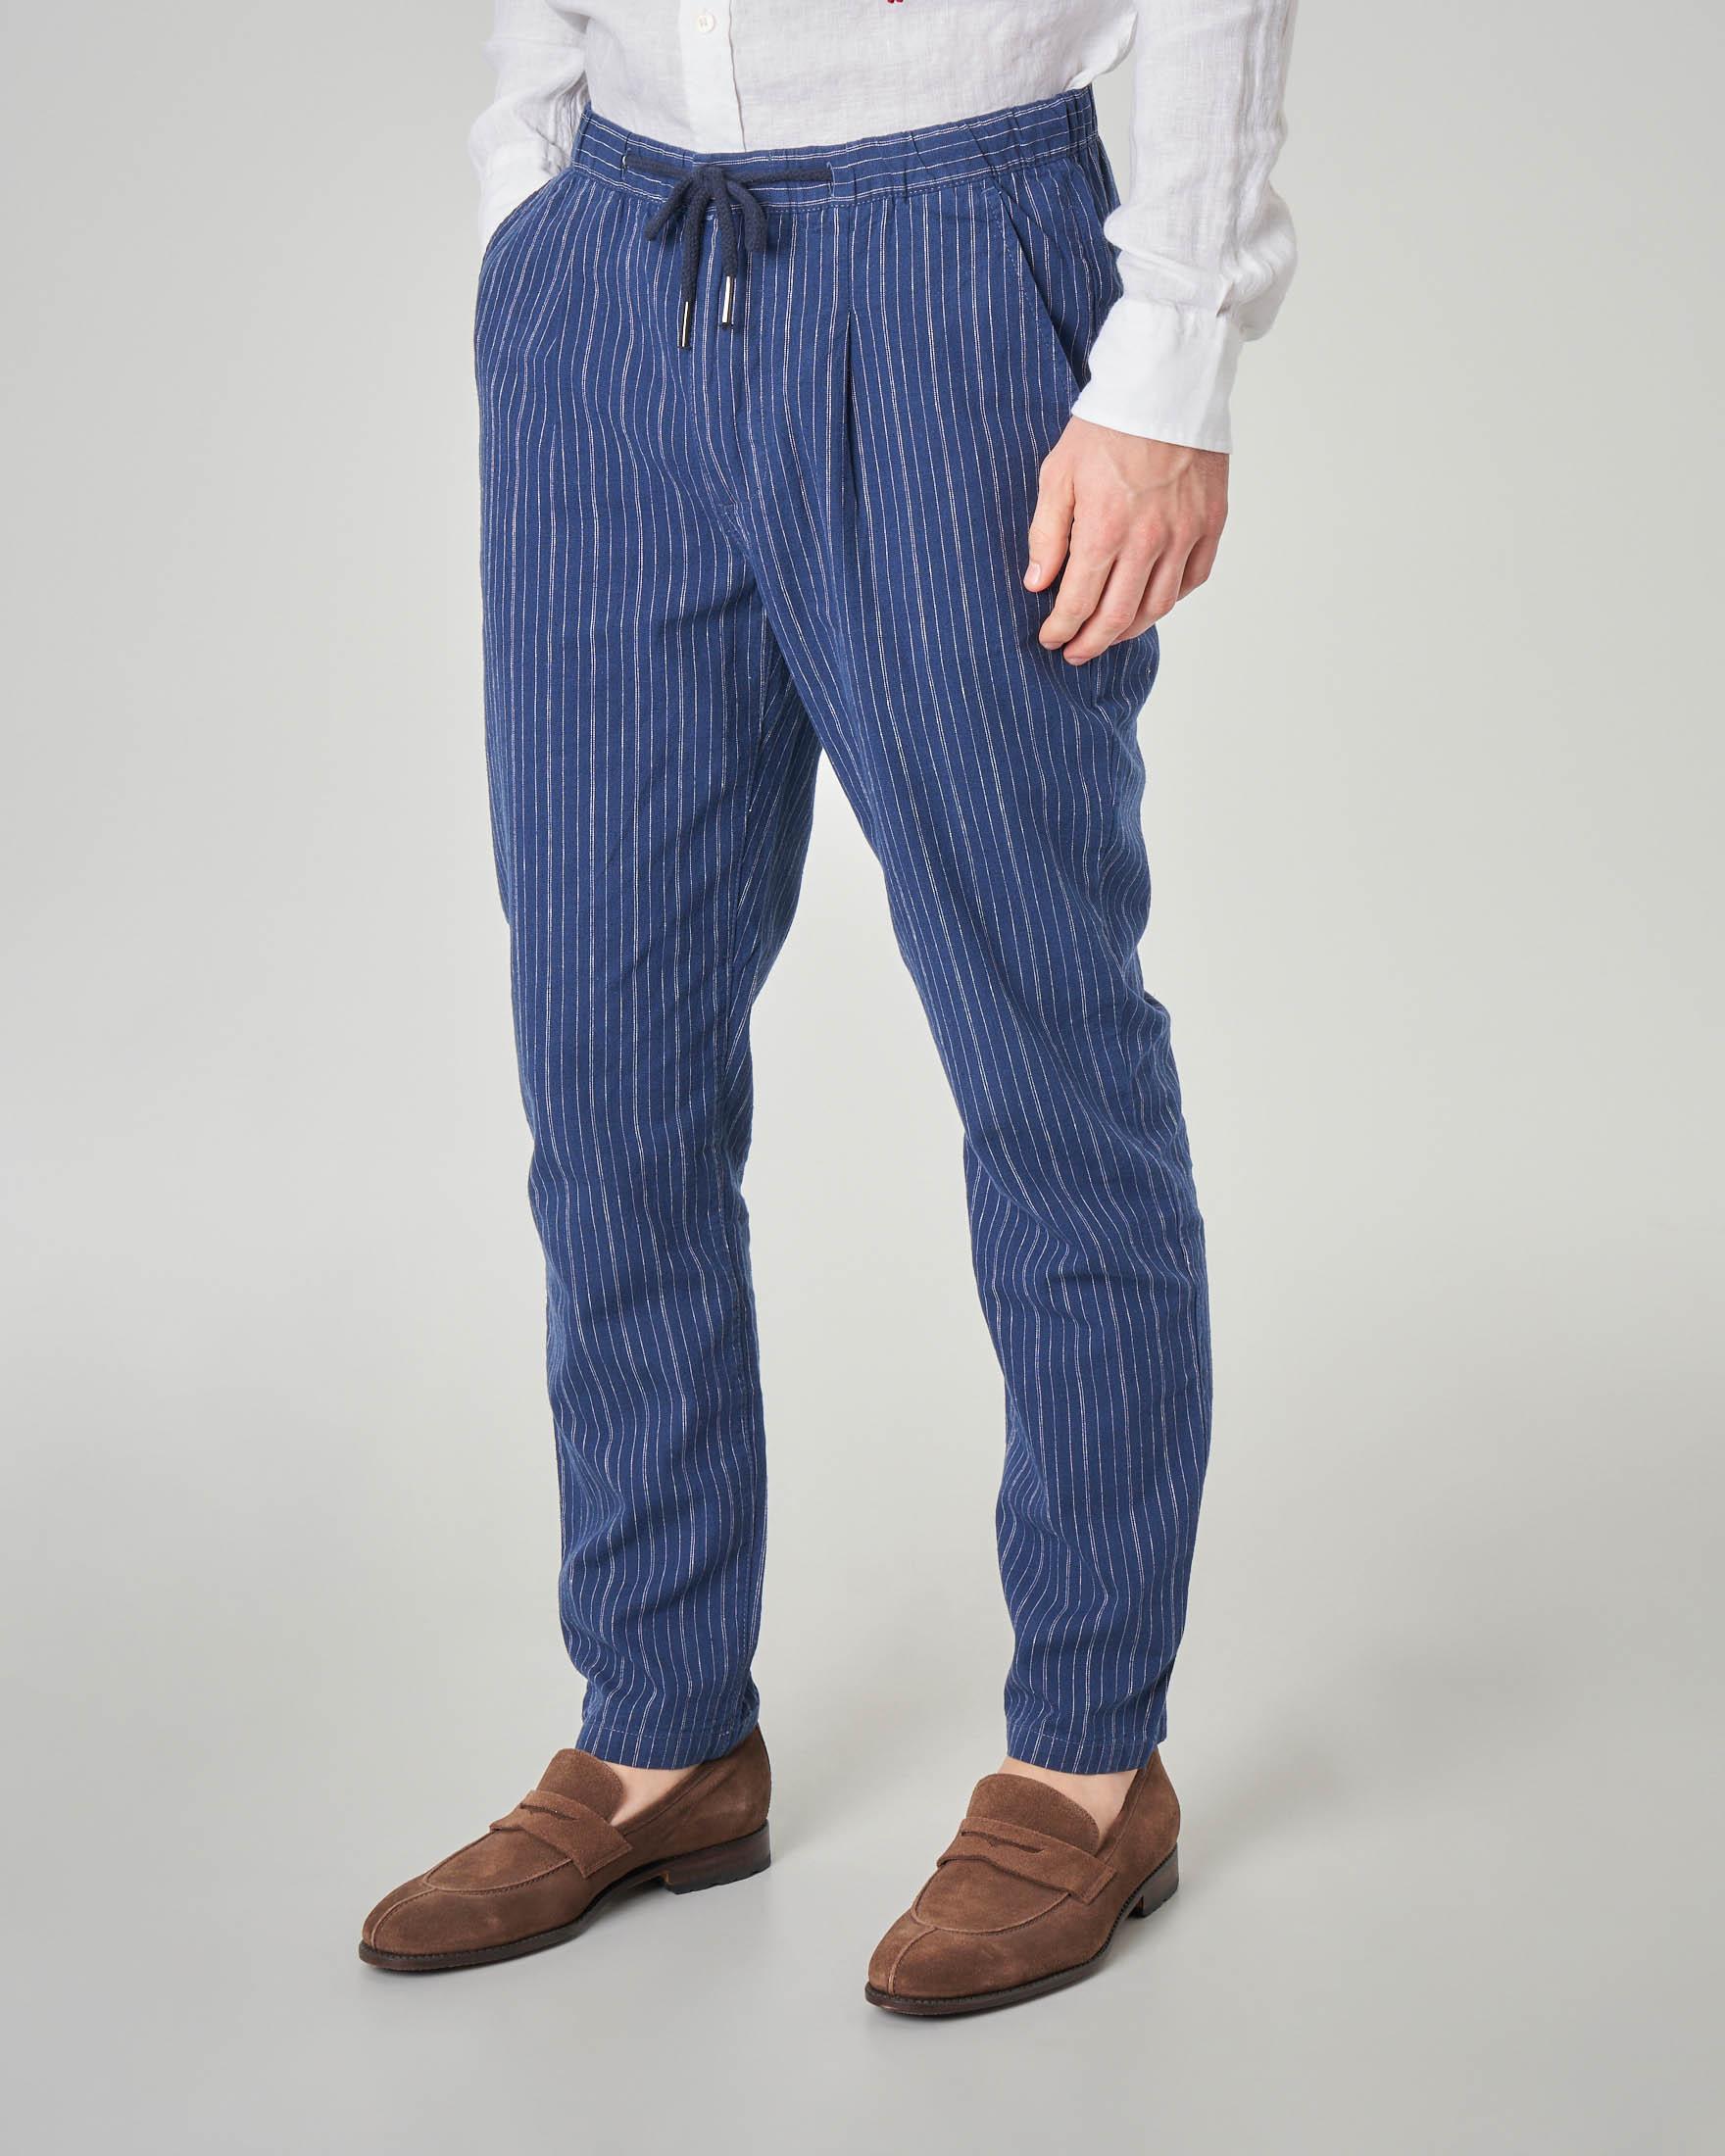 Pantalaccio blu a righe bianche in misto lino